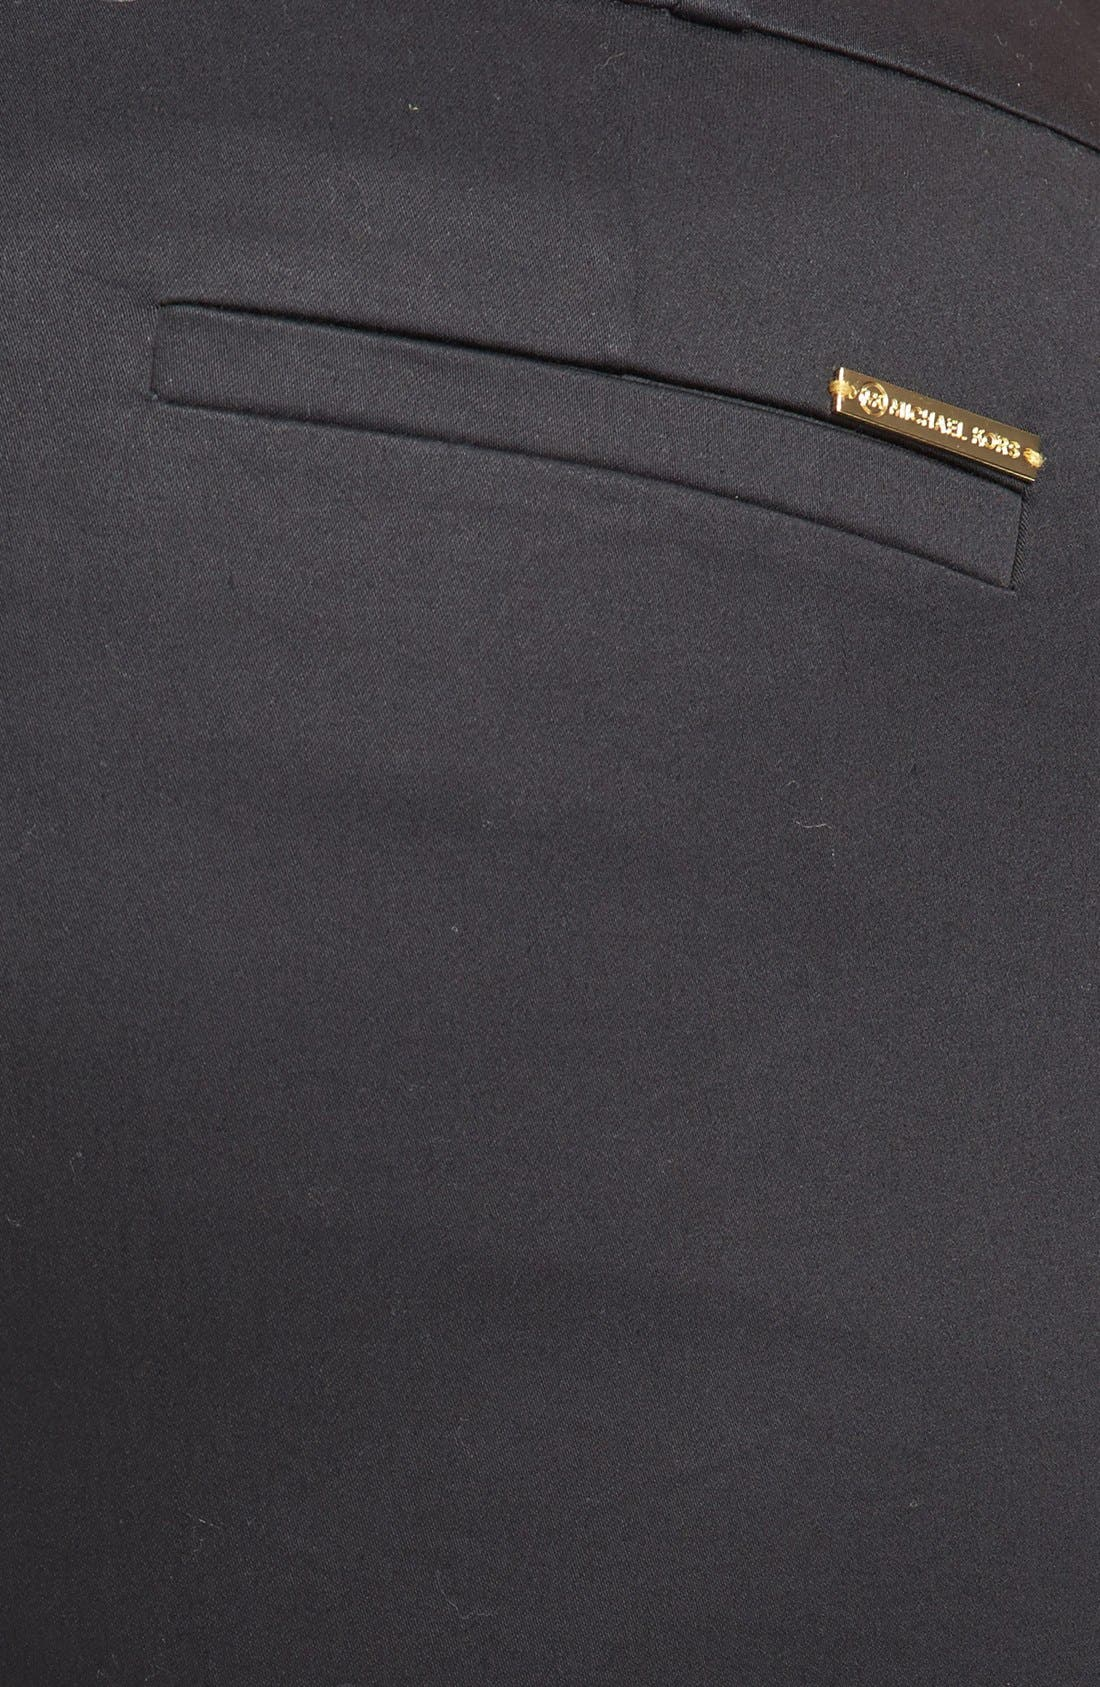 Alternate Image 3  - MICHAEL Michael Kors 'Welles' Stretch Cotton Sateen Ankle Pants (Plus Size)